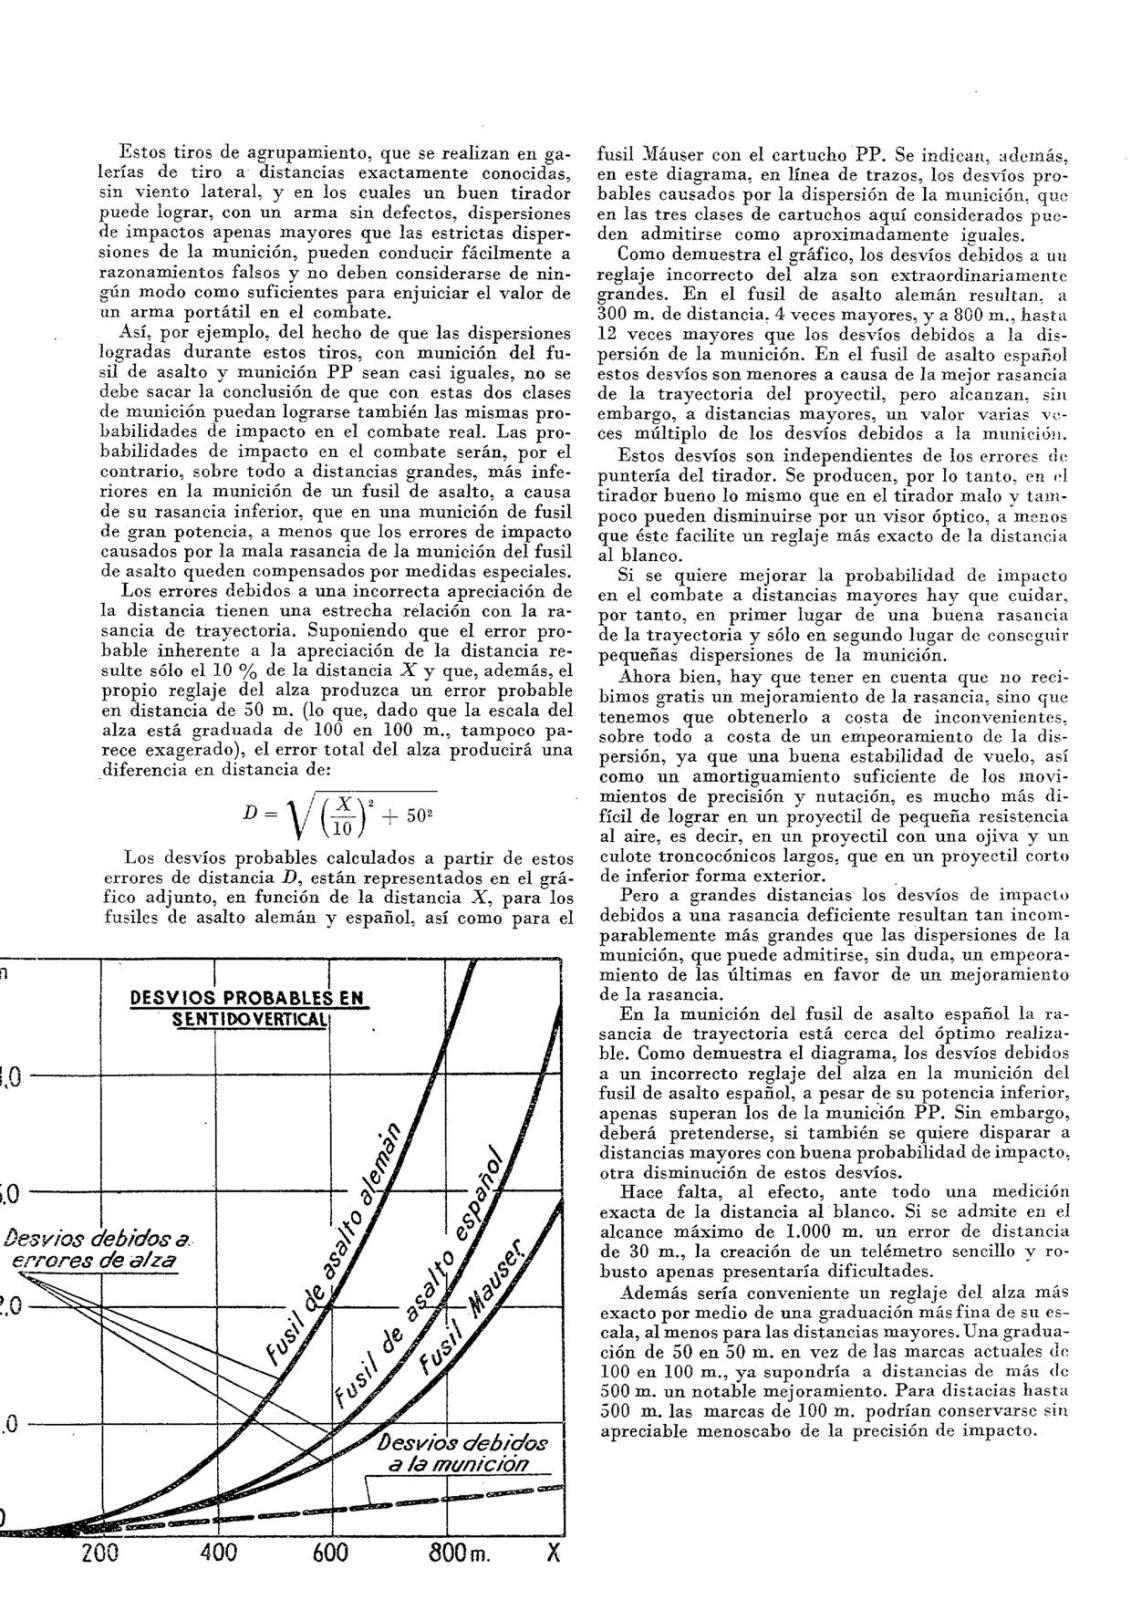 interesante articulo de GÜNTER VOSS 15rm69z